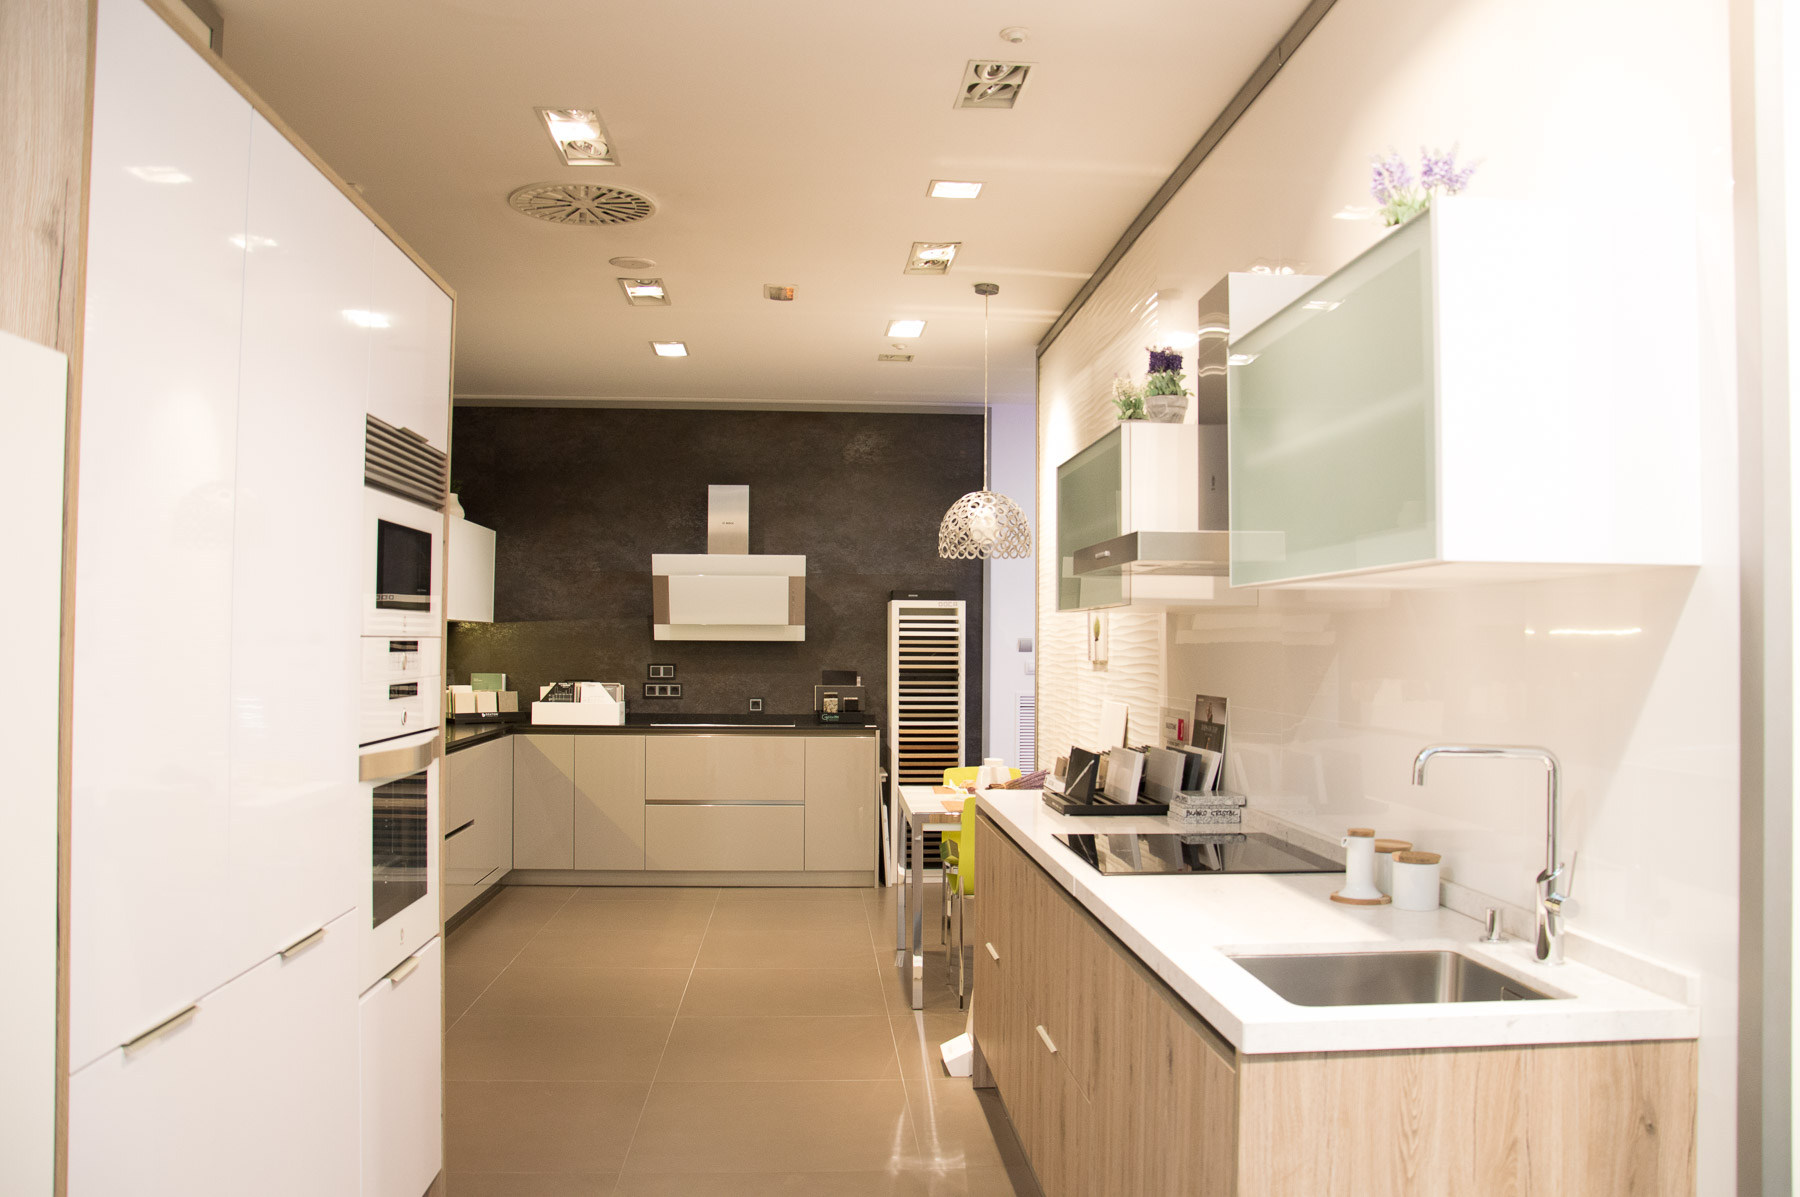 C mo limpiar las juntas de los azulejos para cocina - Quitar azulejos cocina ...